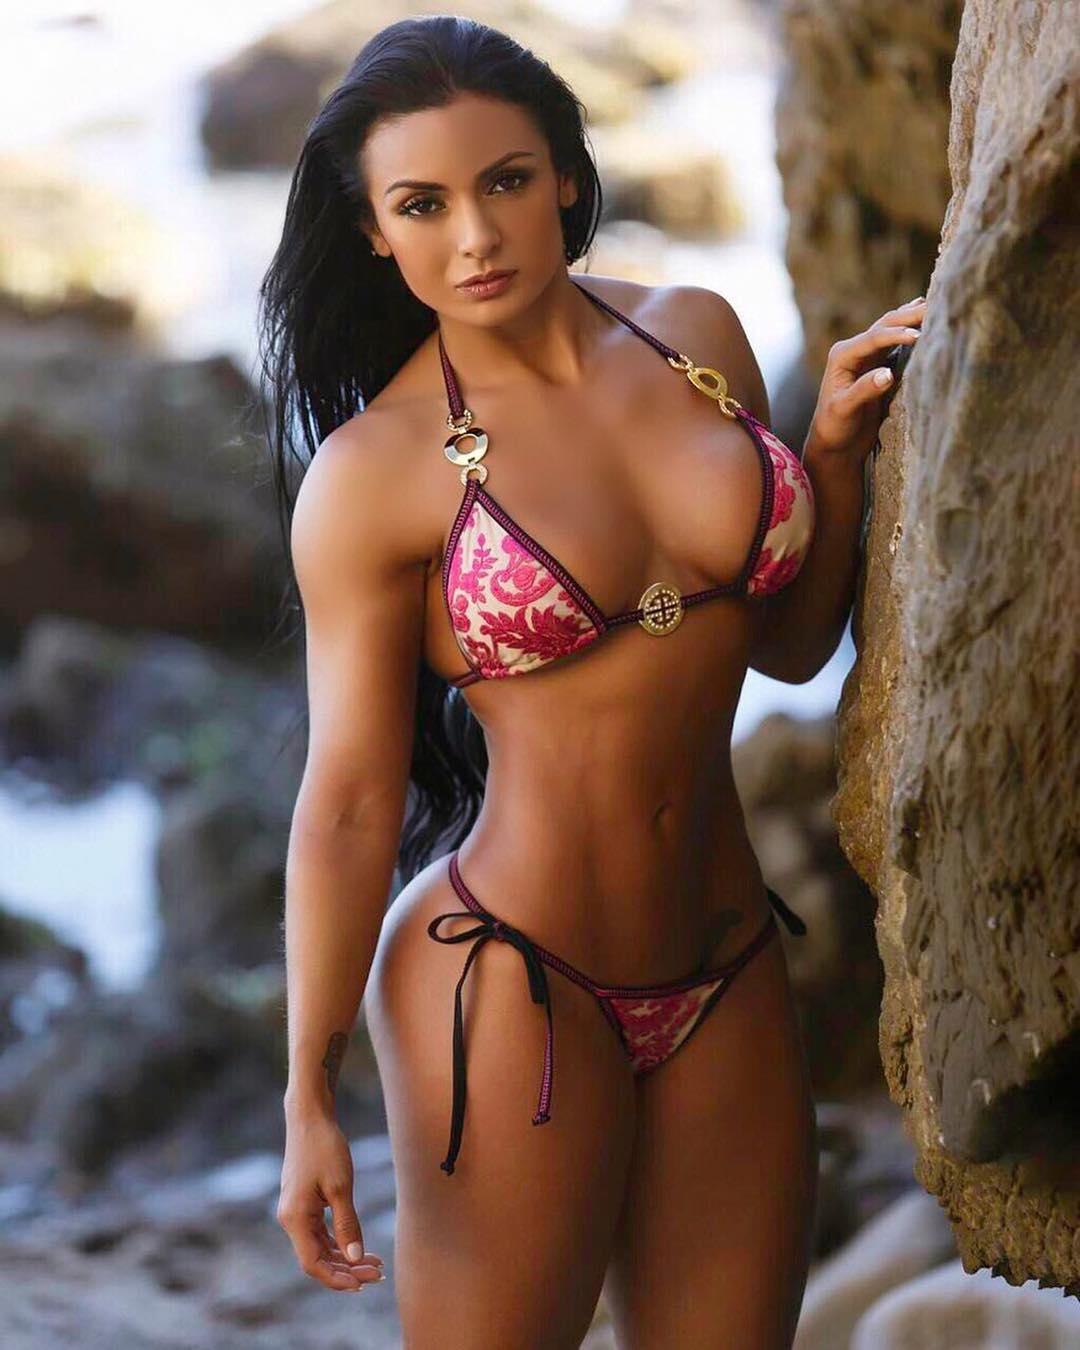 Paola Macias